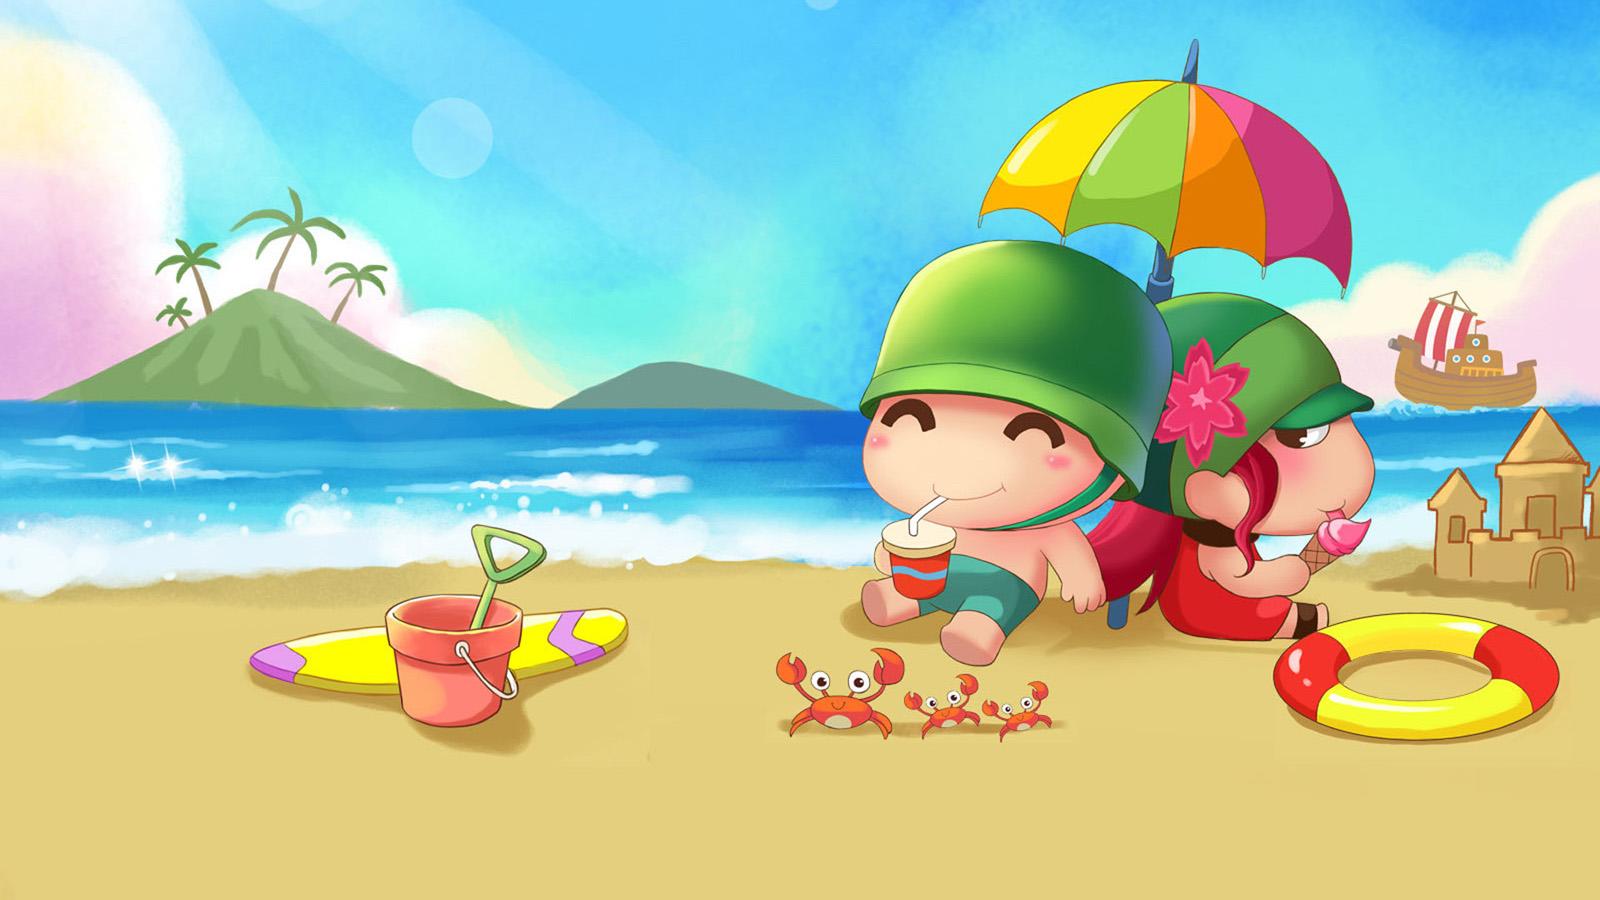 Mùa hè nắng nóng đi ra biển tắm mát thì sướng thôi rồi